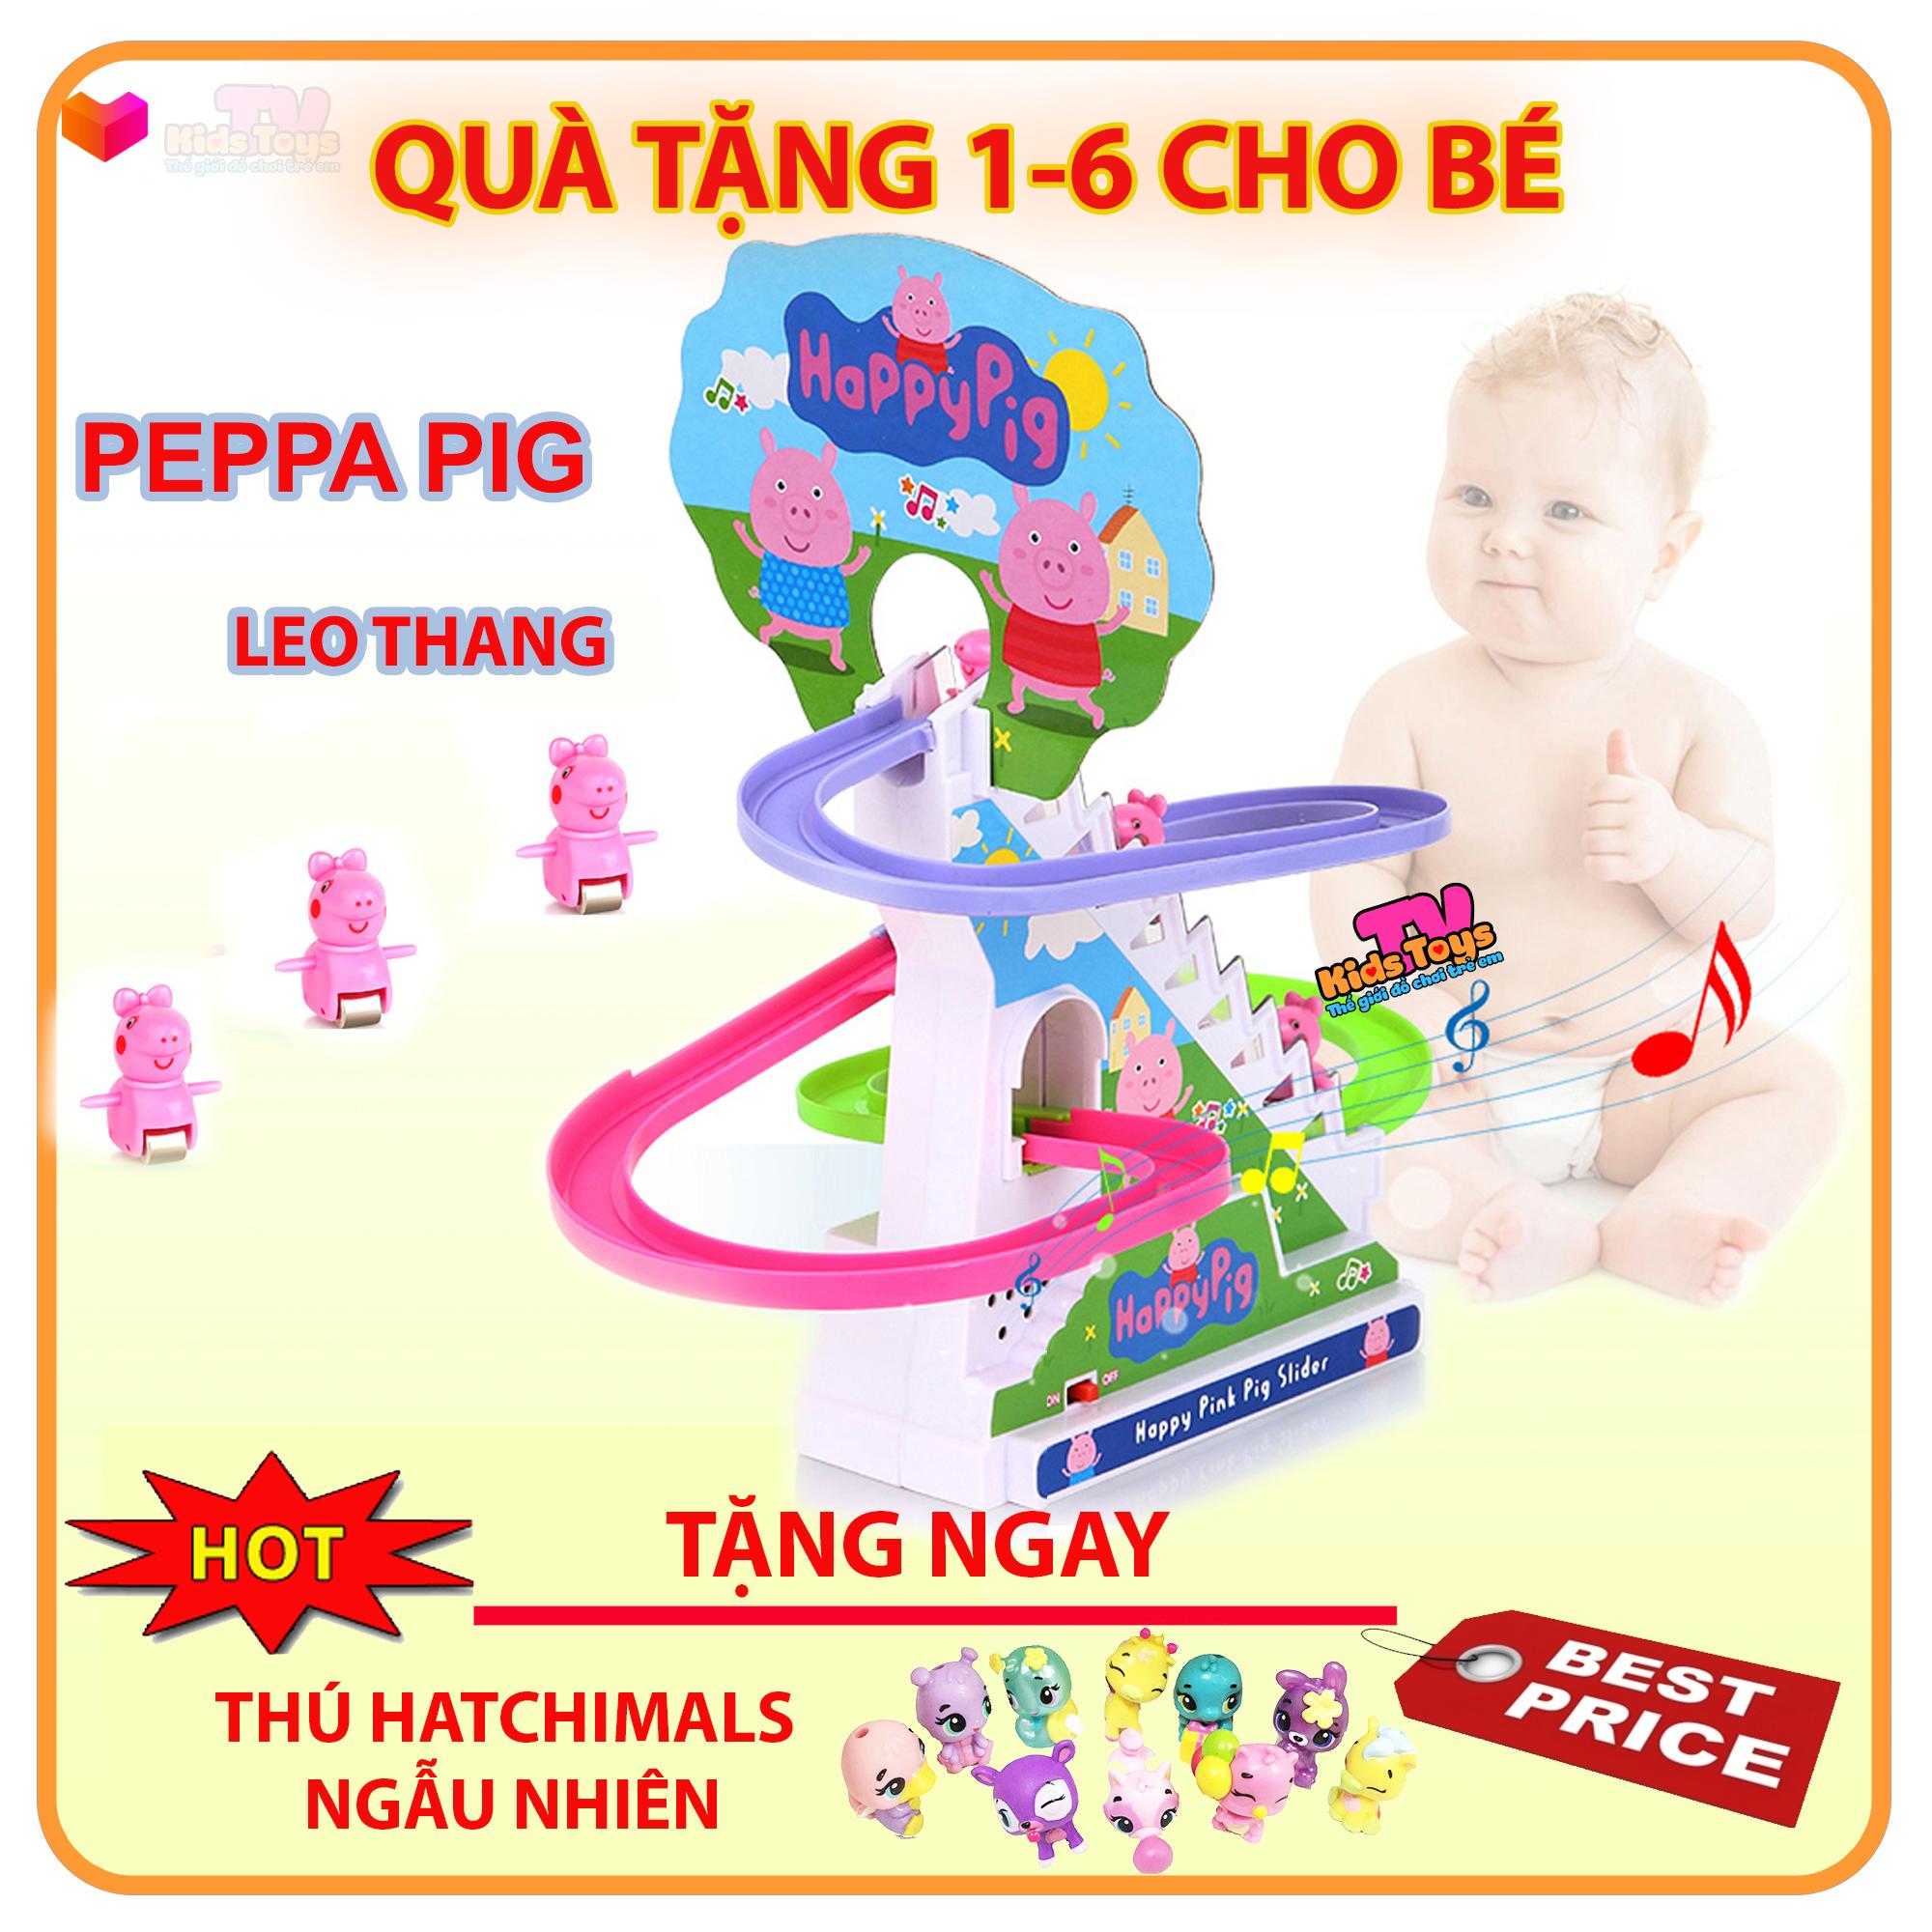 Giá Cực Tốt Khi Mua Đồ Chơi Heo Peppa Leo Thang Có Nhạc đèn Cho Bé